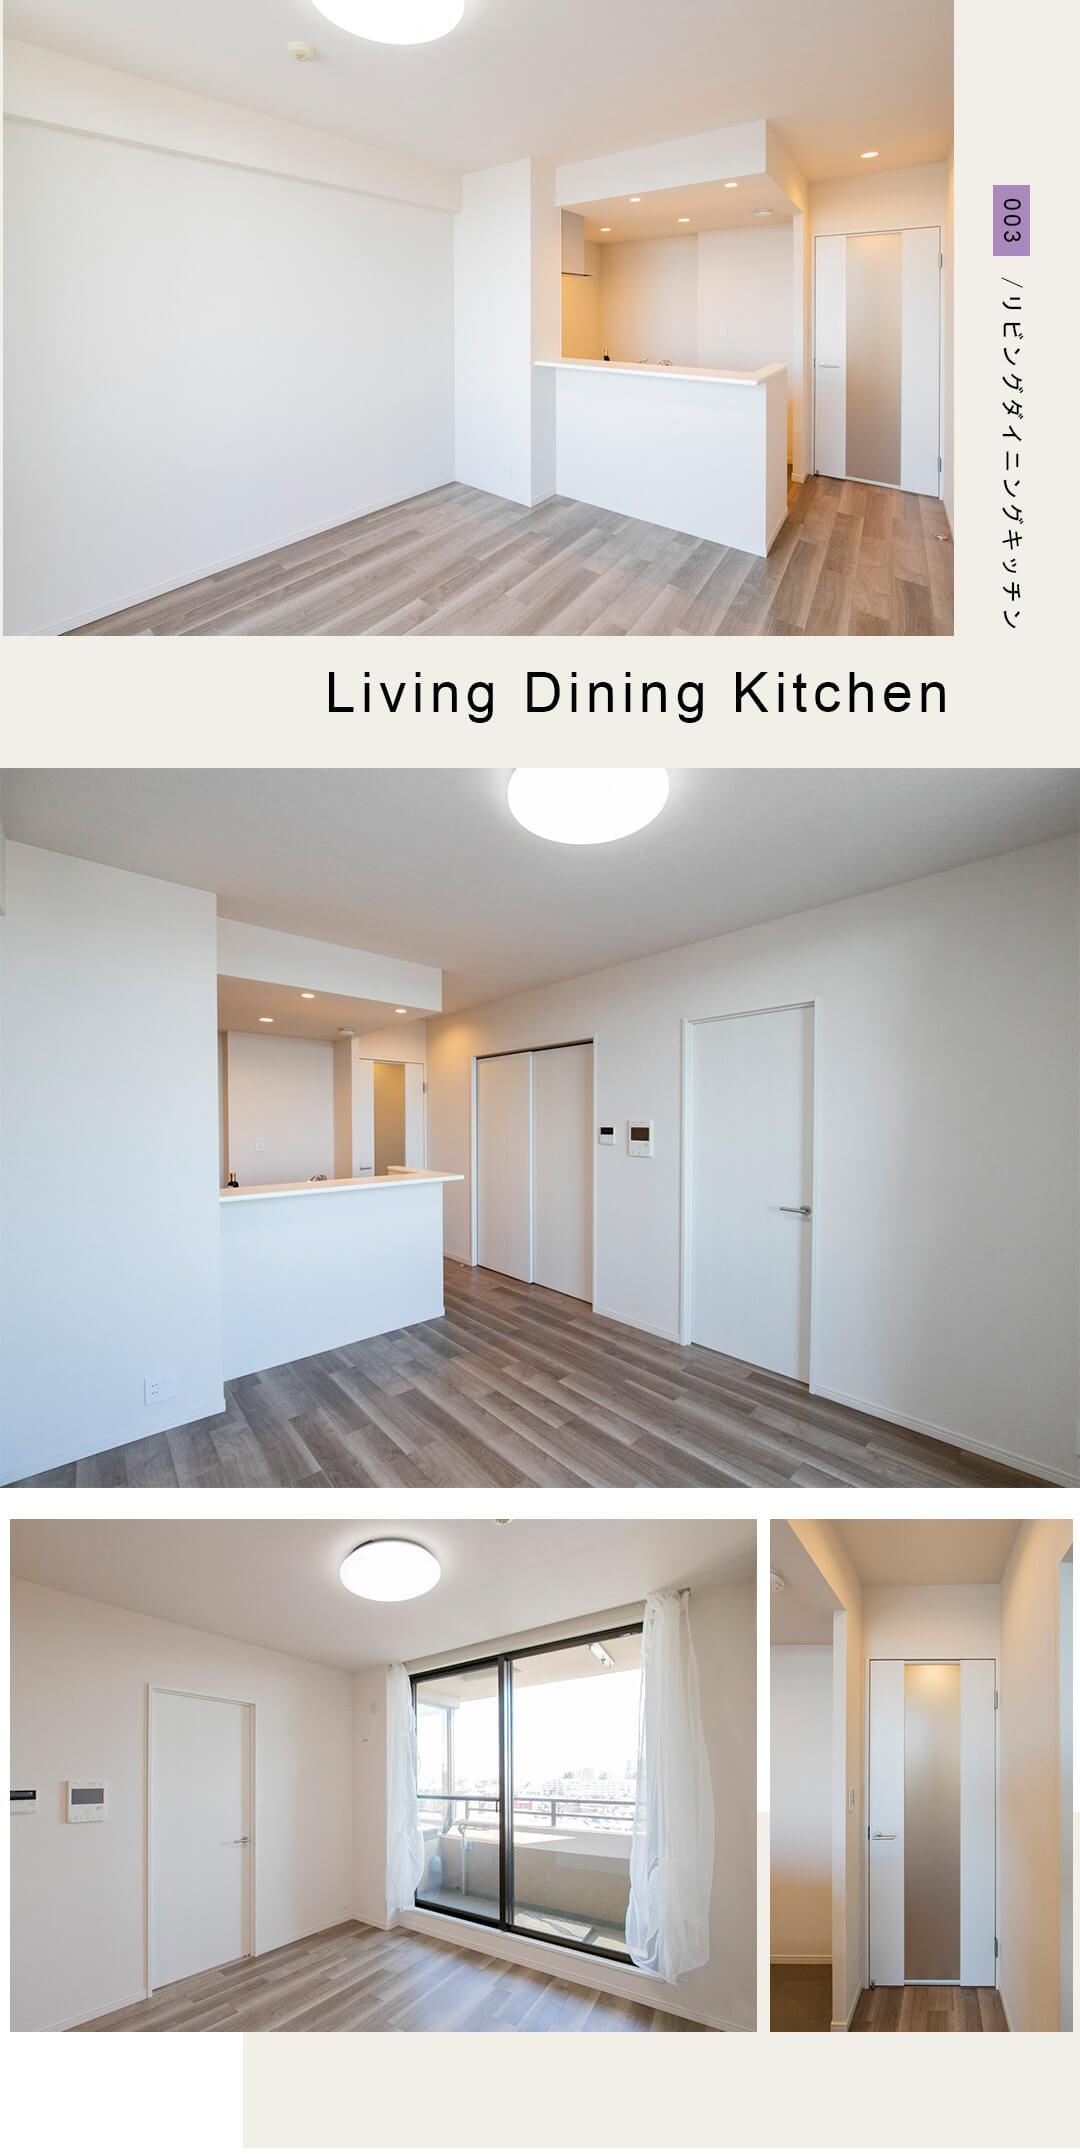 プラネ三軒茶屋のリビングダイニングキッチン